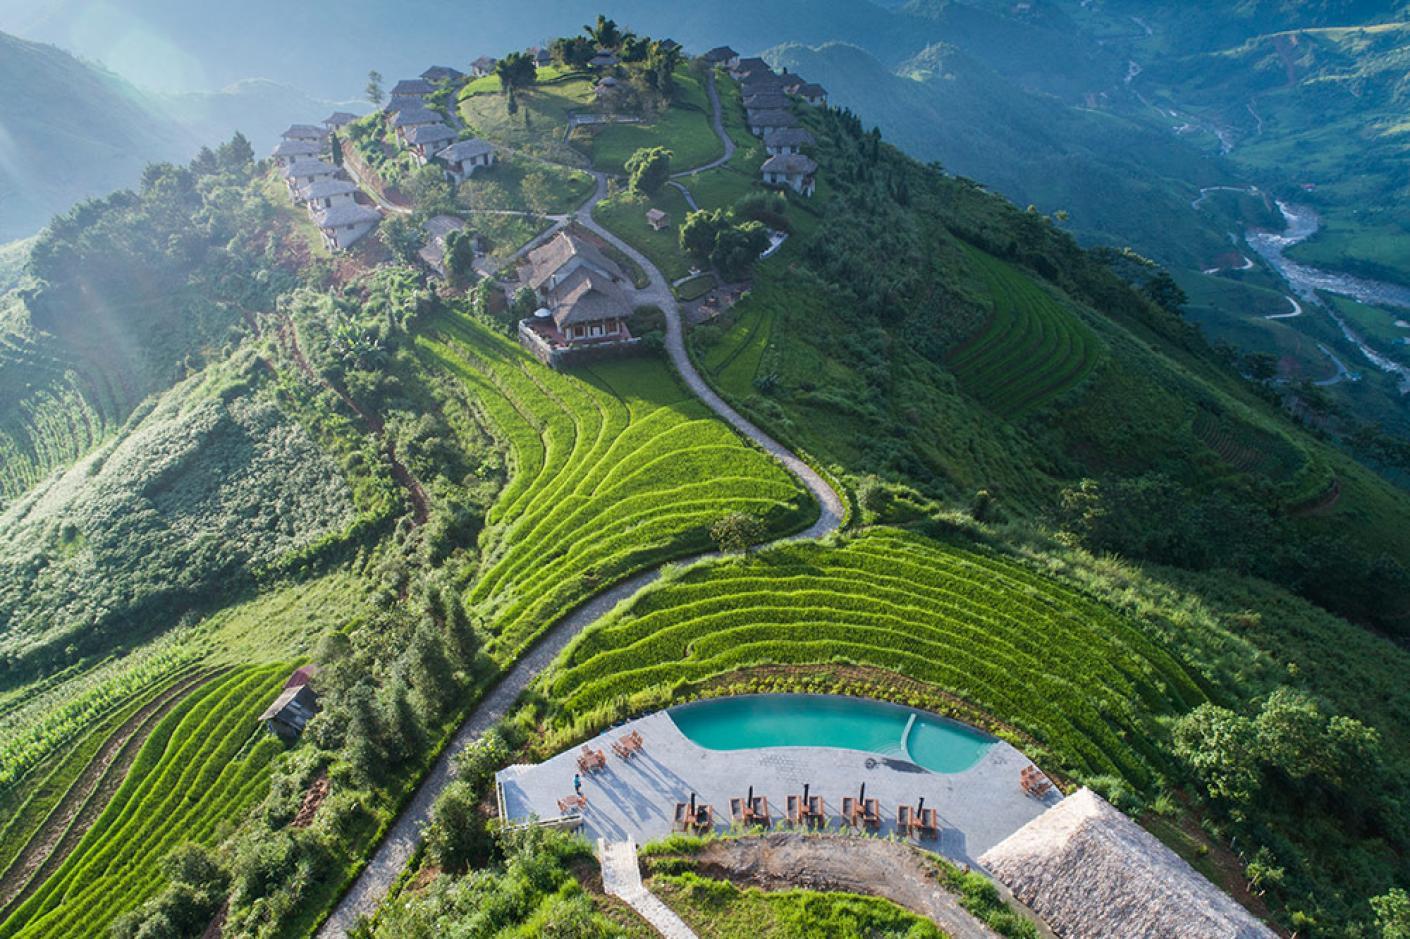 Việt Nam đang vượt lên trên cuộc đua phát triển du lịch xanh  - Ảnh 6